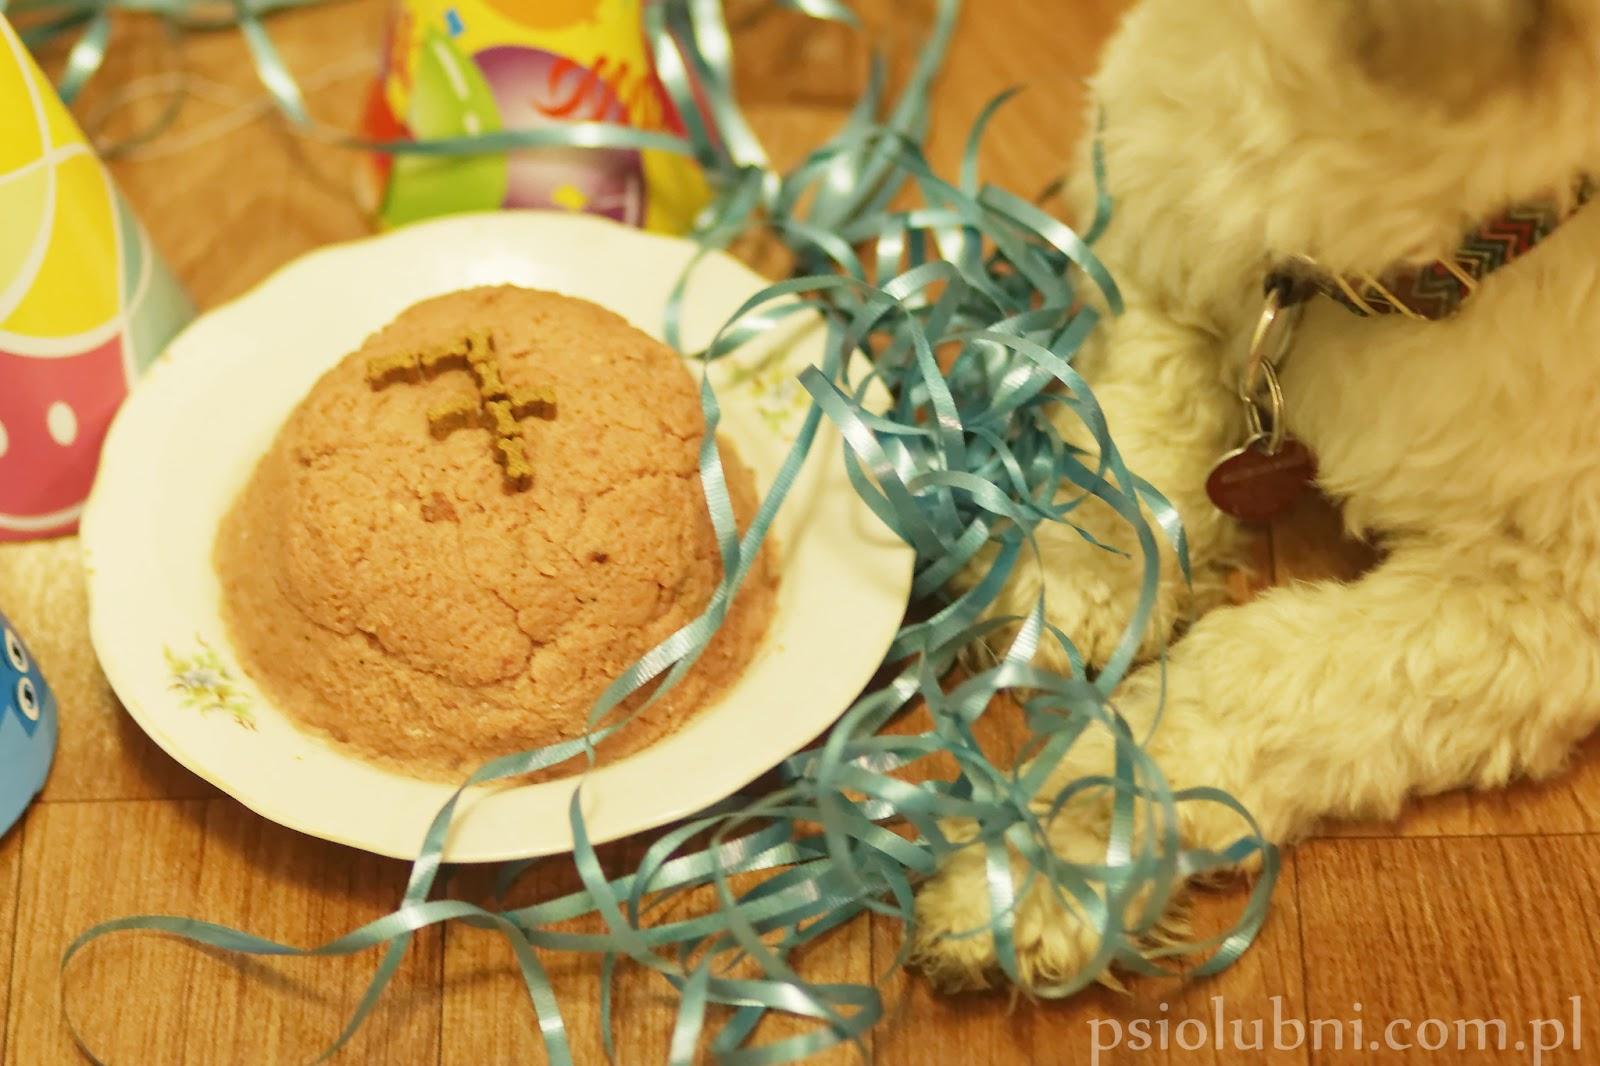 tort, wypieki, słodkości, urodziny, ciasteczka, pierniczki, ciasta, kuchnia, tort dla psa, ciasteczka dla psa, przysmaki dla psa, urodziny psa, psy rasowe, rasy psów, pudel, pekińczyk, blog o psach, diy, zrób to sam, jesień,